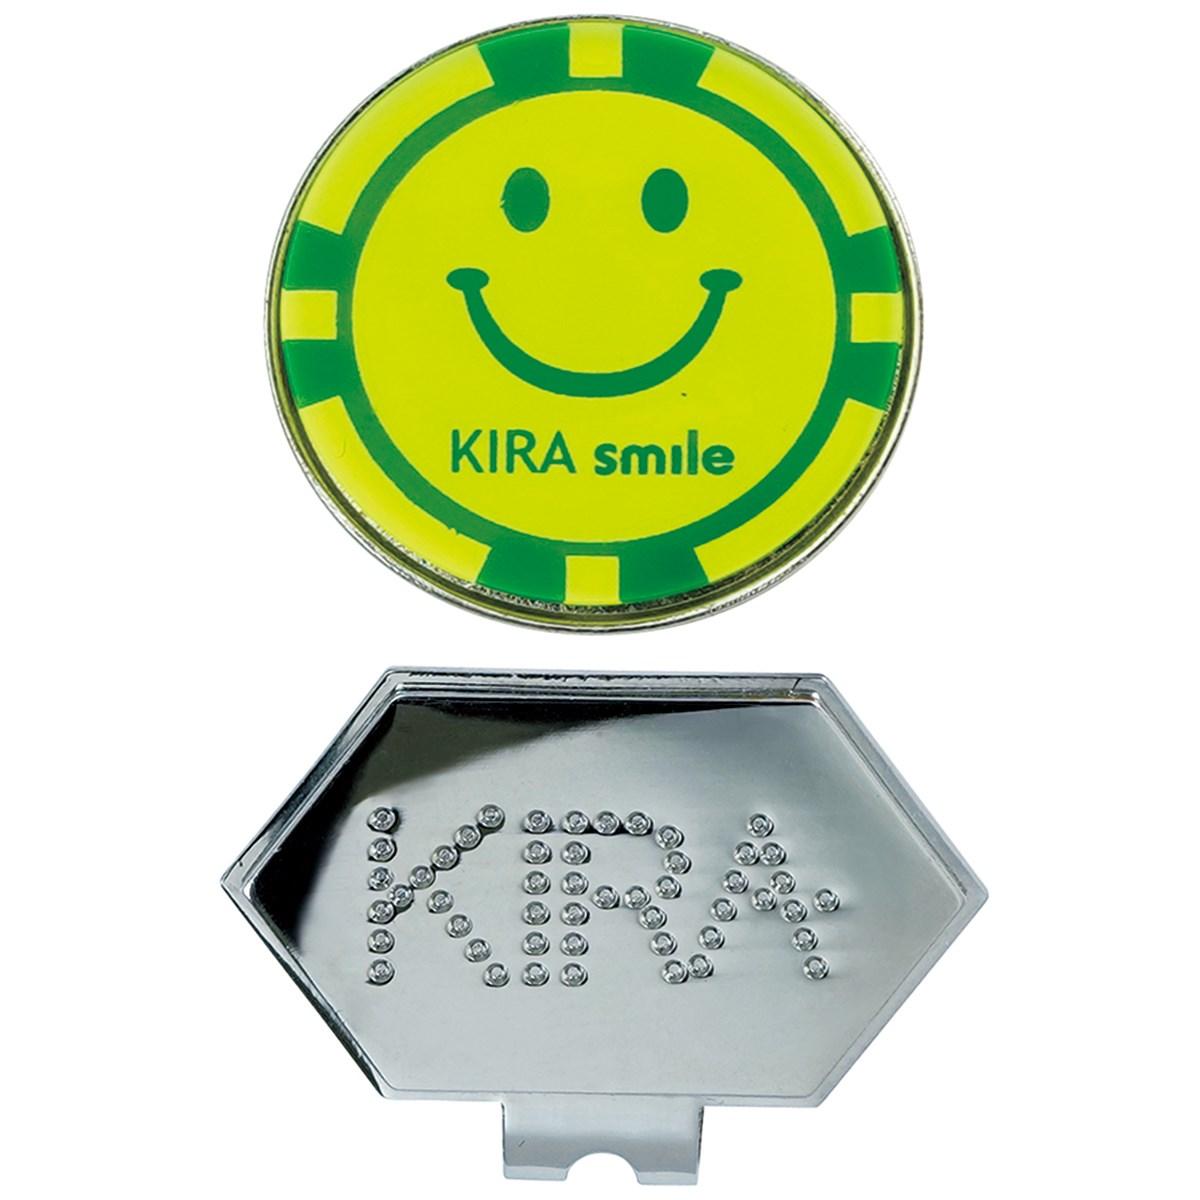 キャスコ(KASCO) KIRA Smile クリップ&集光性マーカー